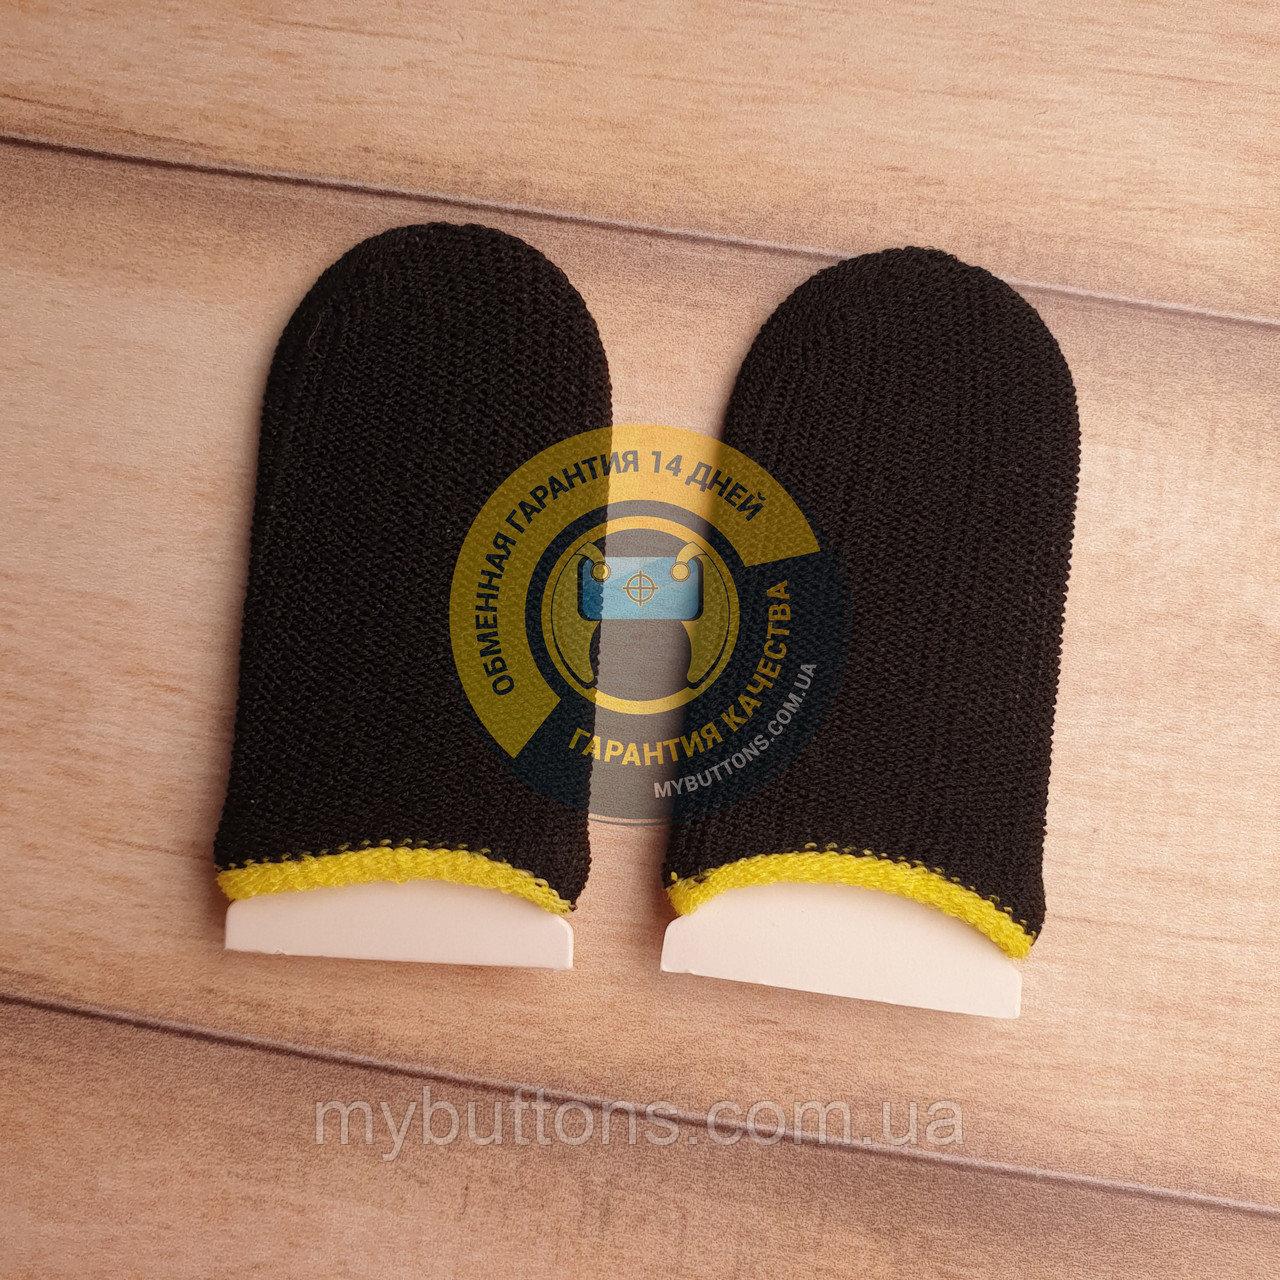 Игровые напальчники FlyLight Soft черные с жёлтым манжетом для игры на телефоне